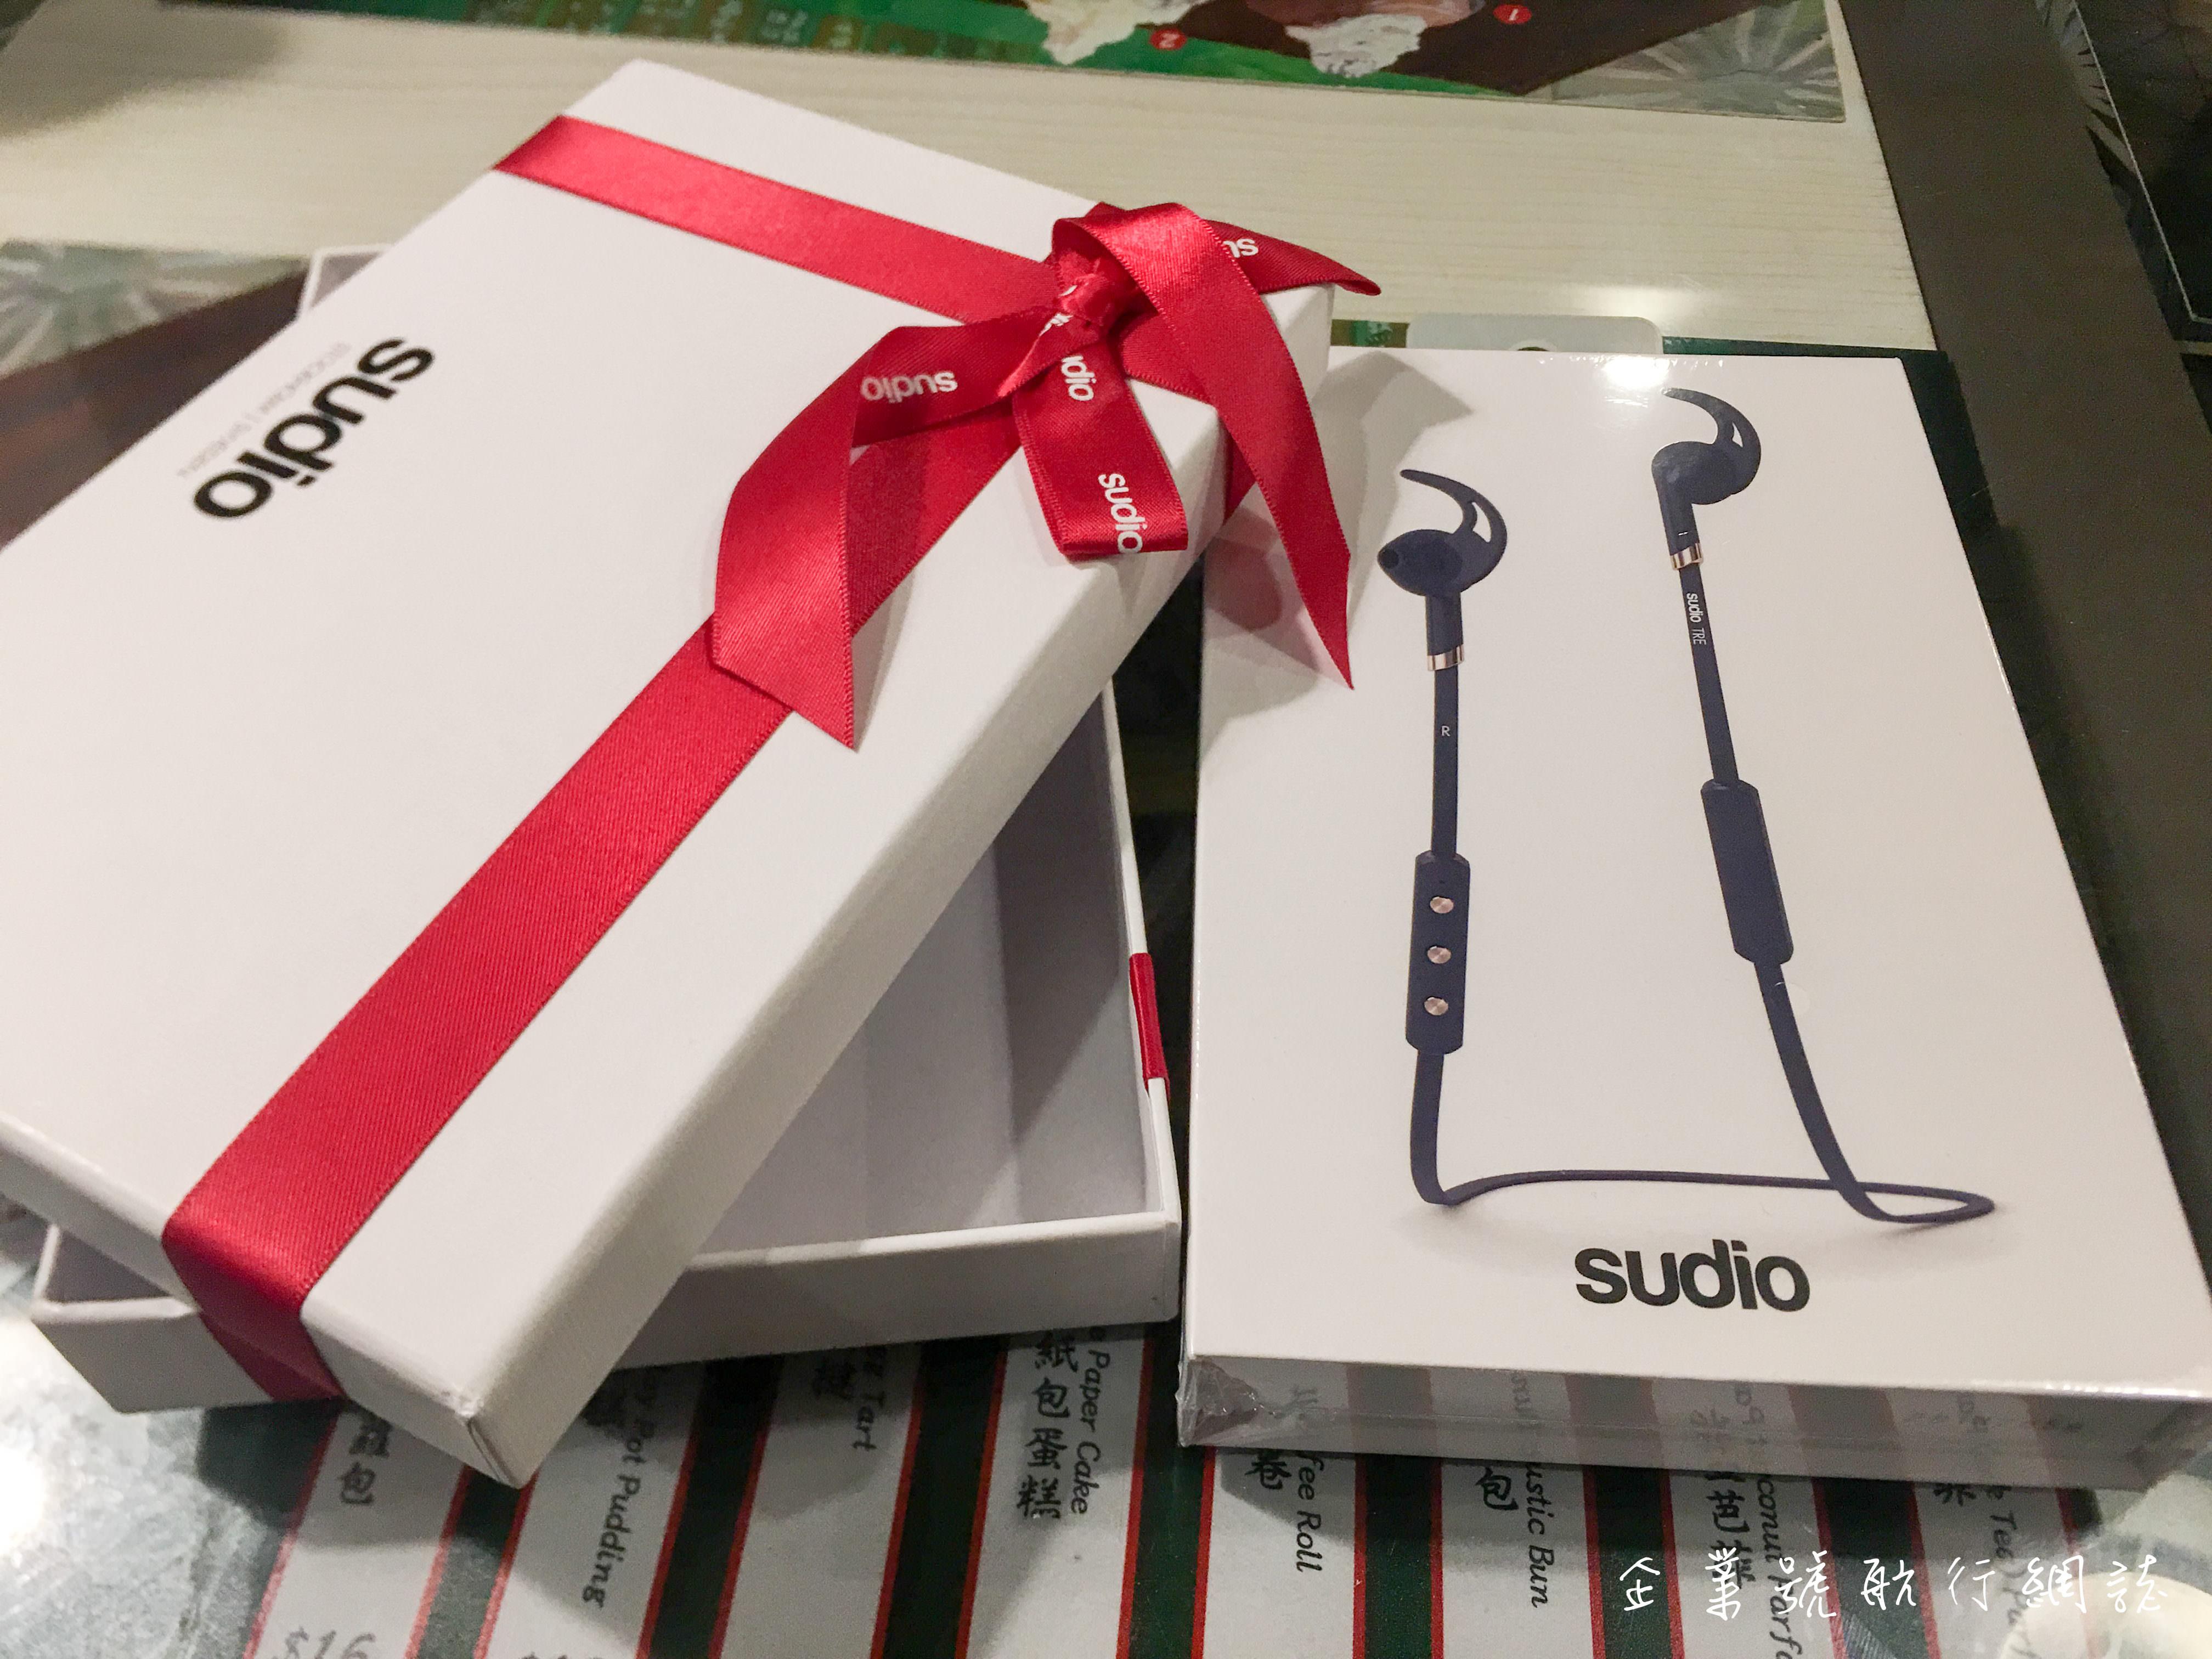 【評測】來自瑞典的運動耳機 – Sudio Tre